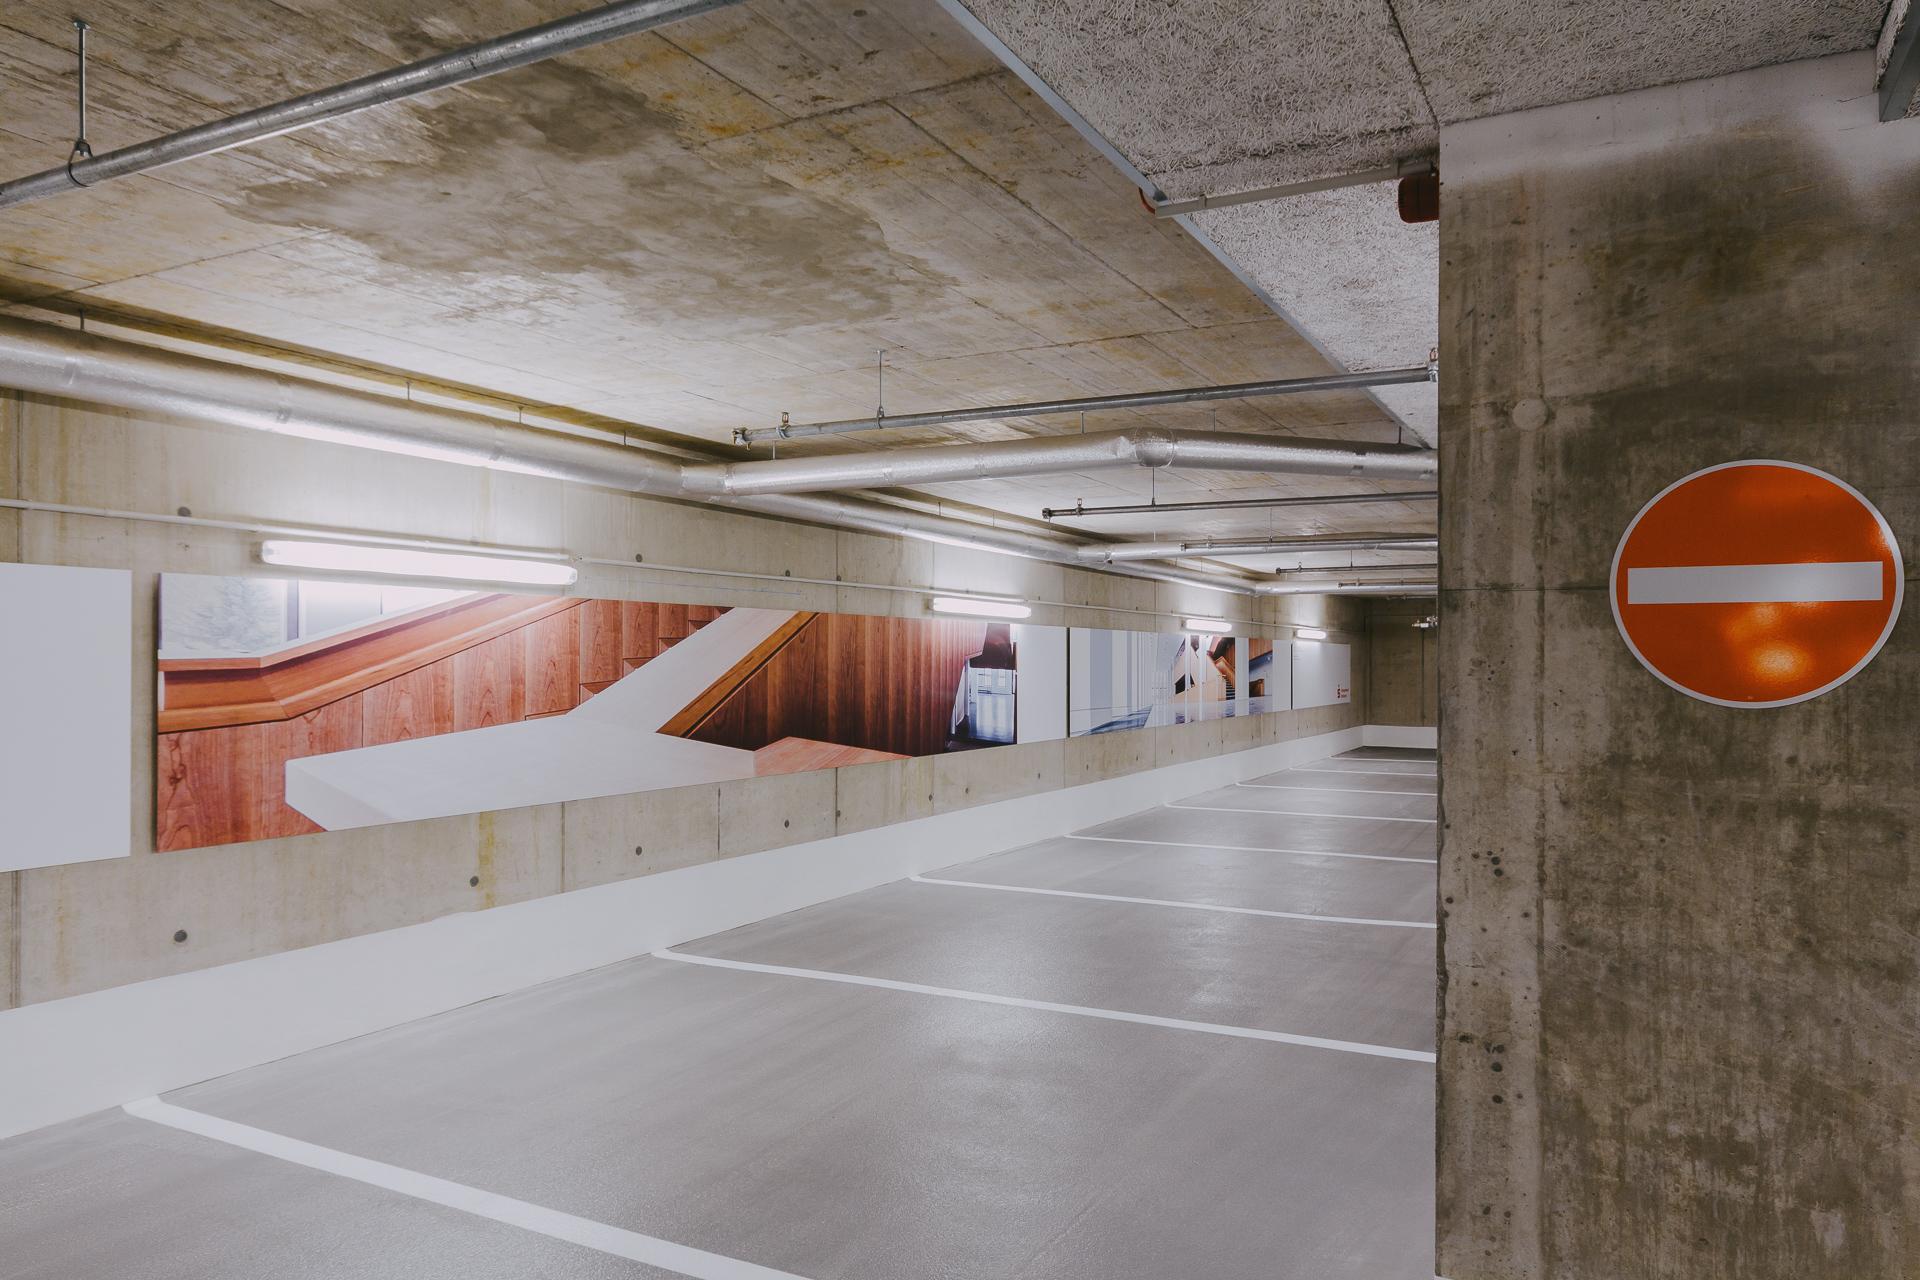 20121228_Stadthalle_Reutlingen_Tiefgarage_Motive_000000100